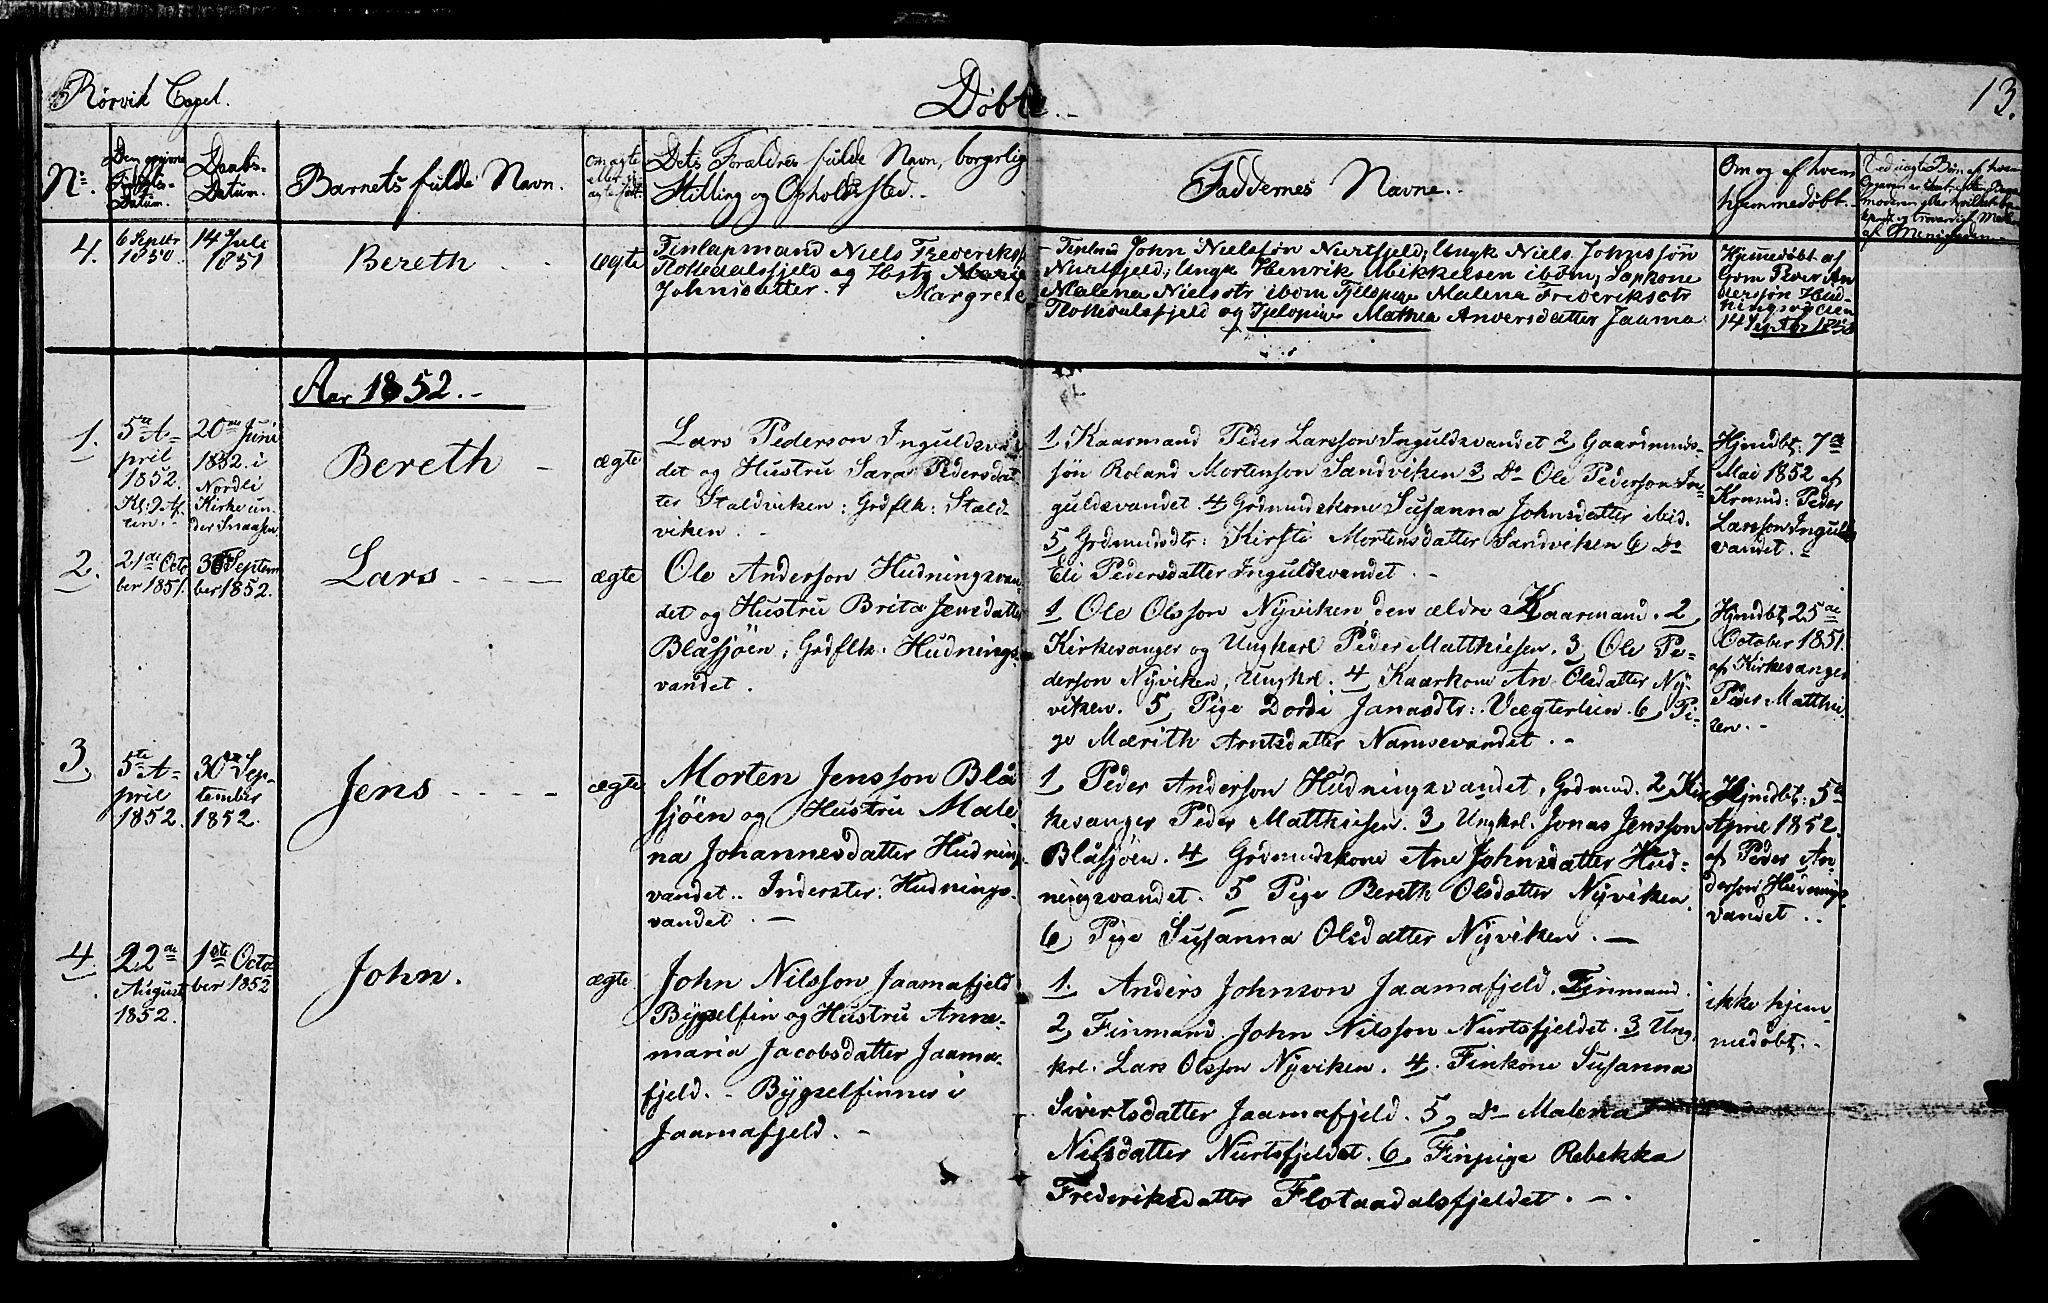 SAT, Ministerialprotokoller, klokkerbøker og fødselsregistre - Nord-Trøndelag, 762/L0538: Ministerialbok nr. 762A02 /1, 1833-1879, s. 13